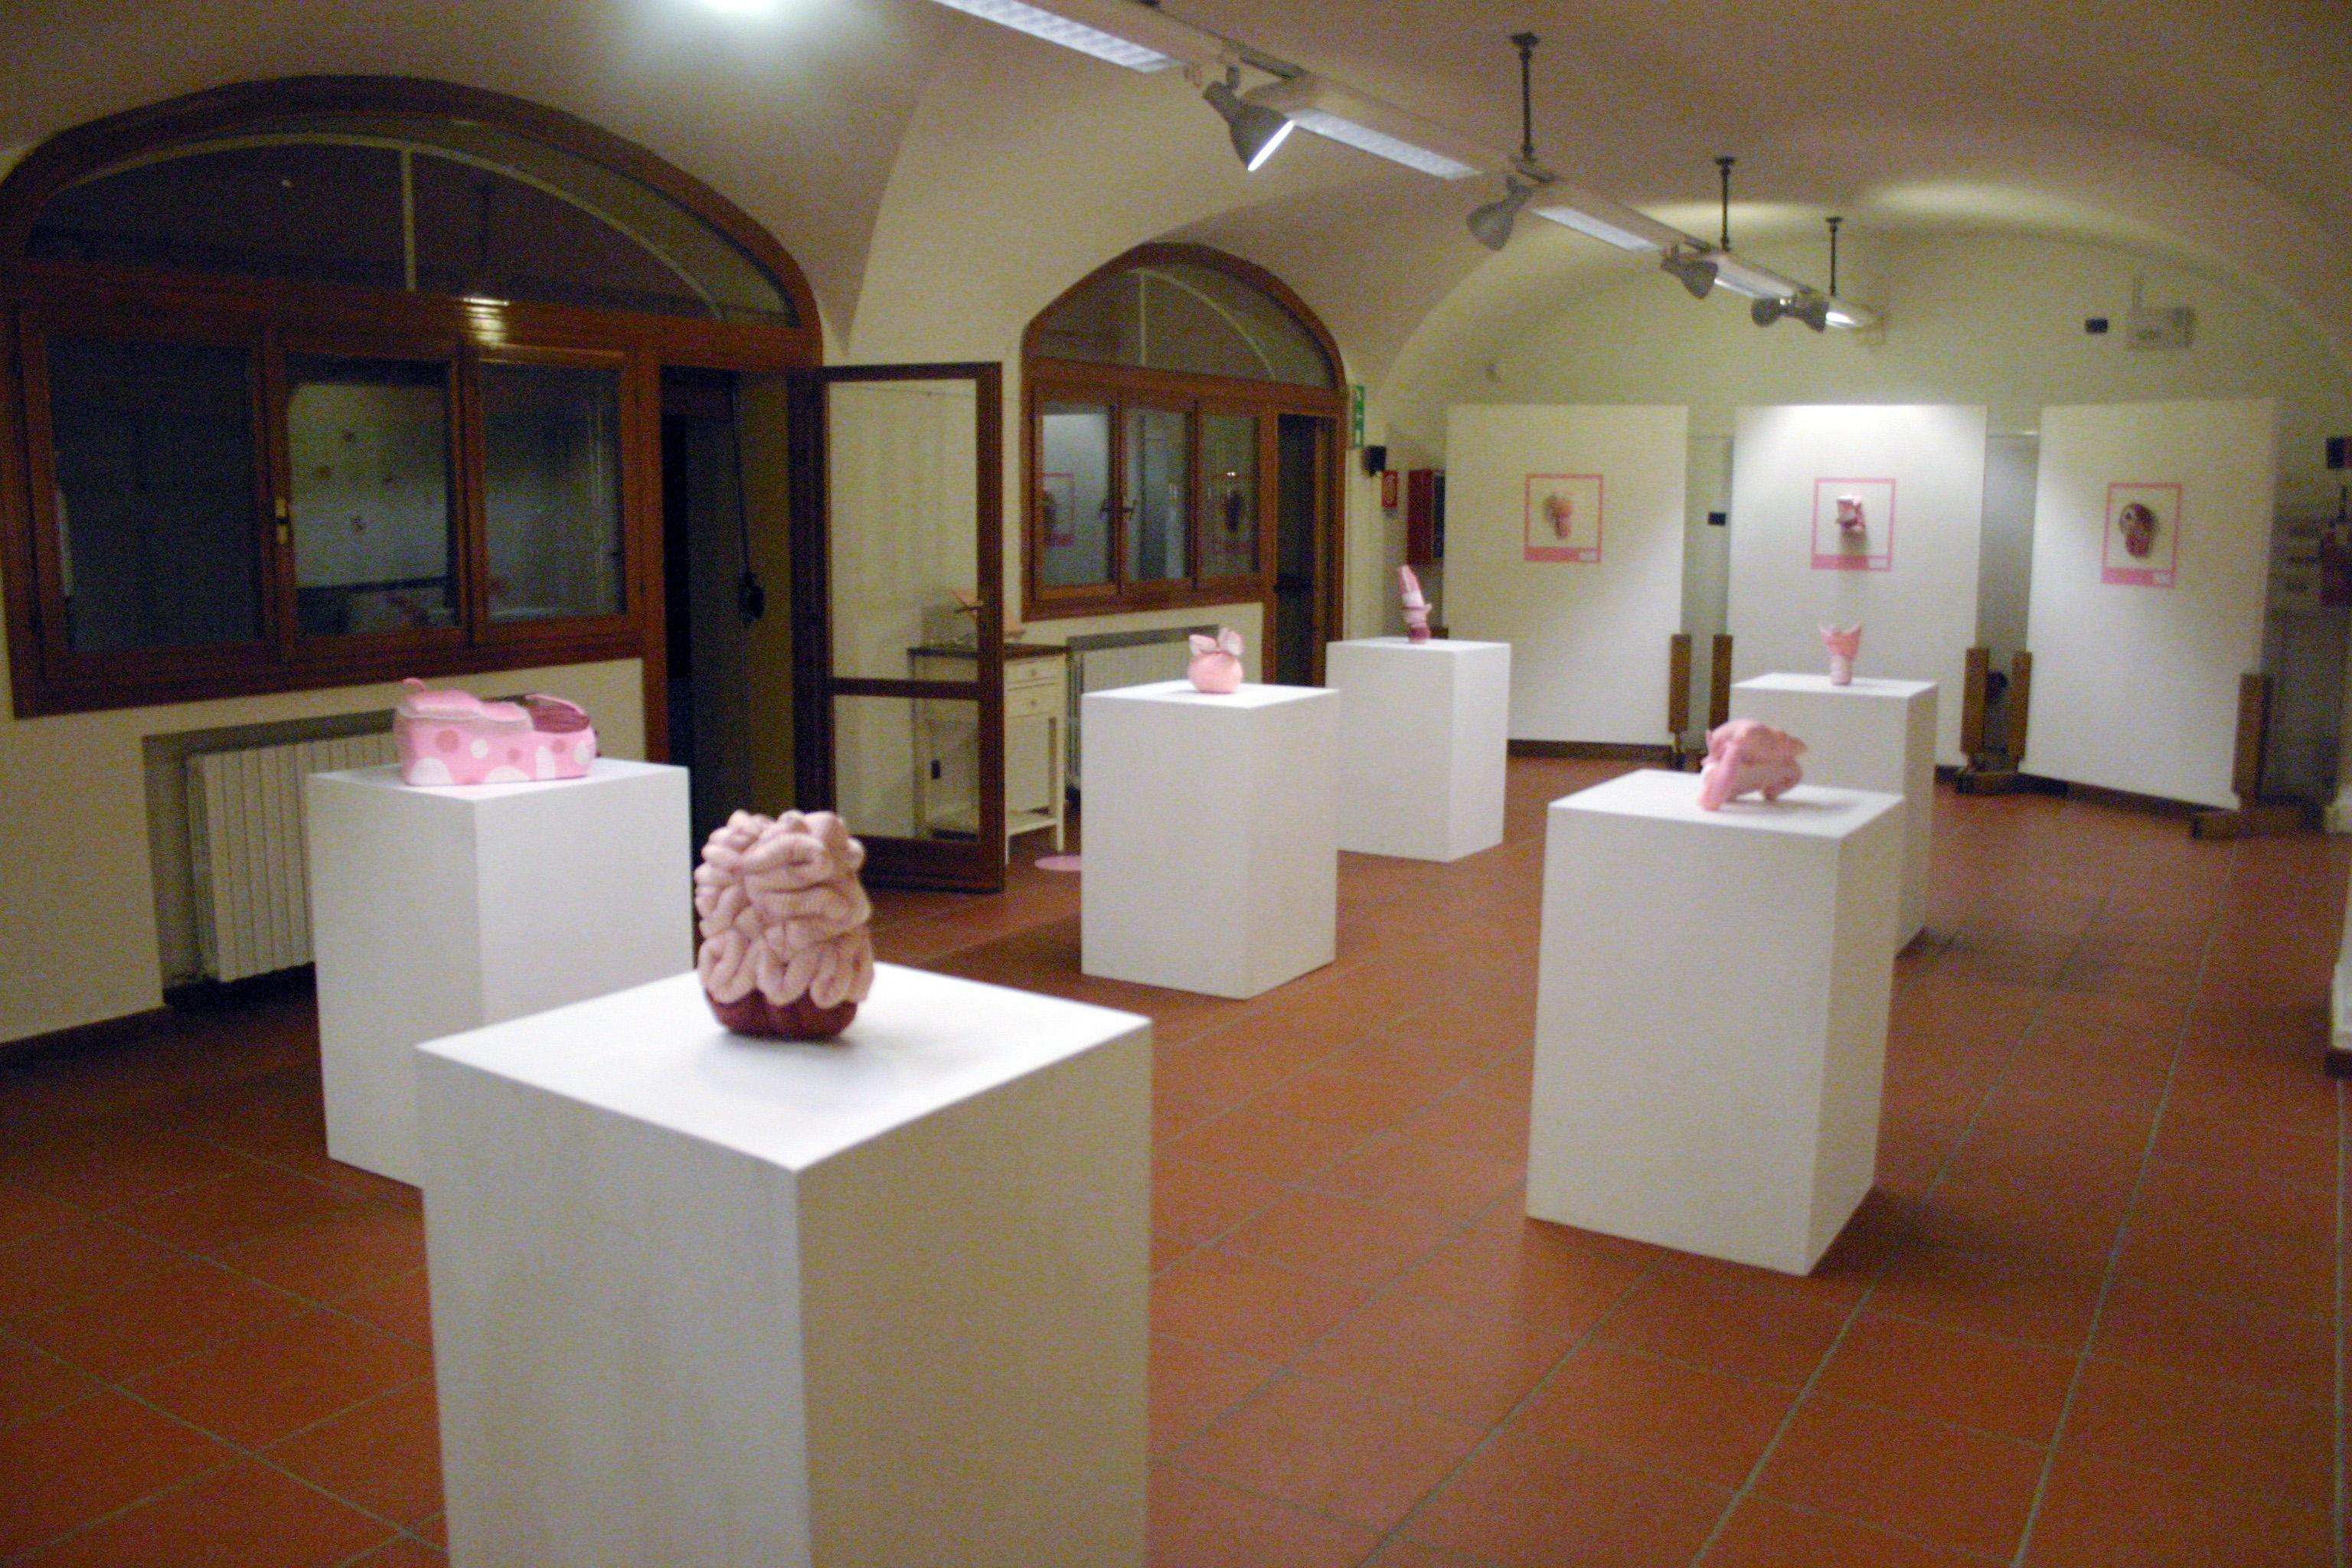 Rosa carne - pink flesh - Michela del Degan